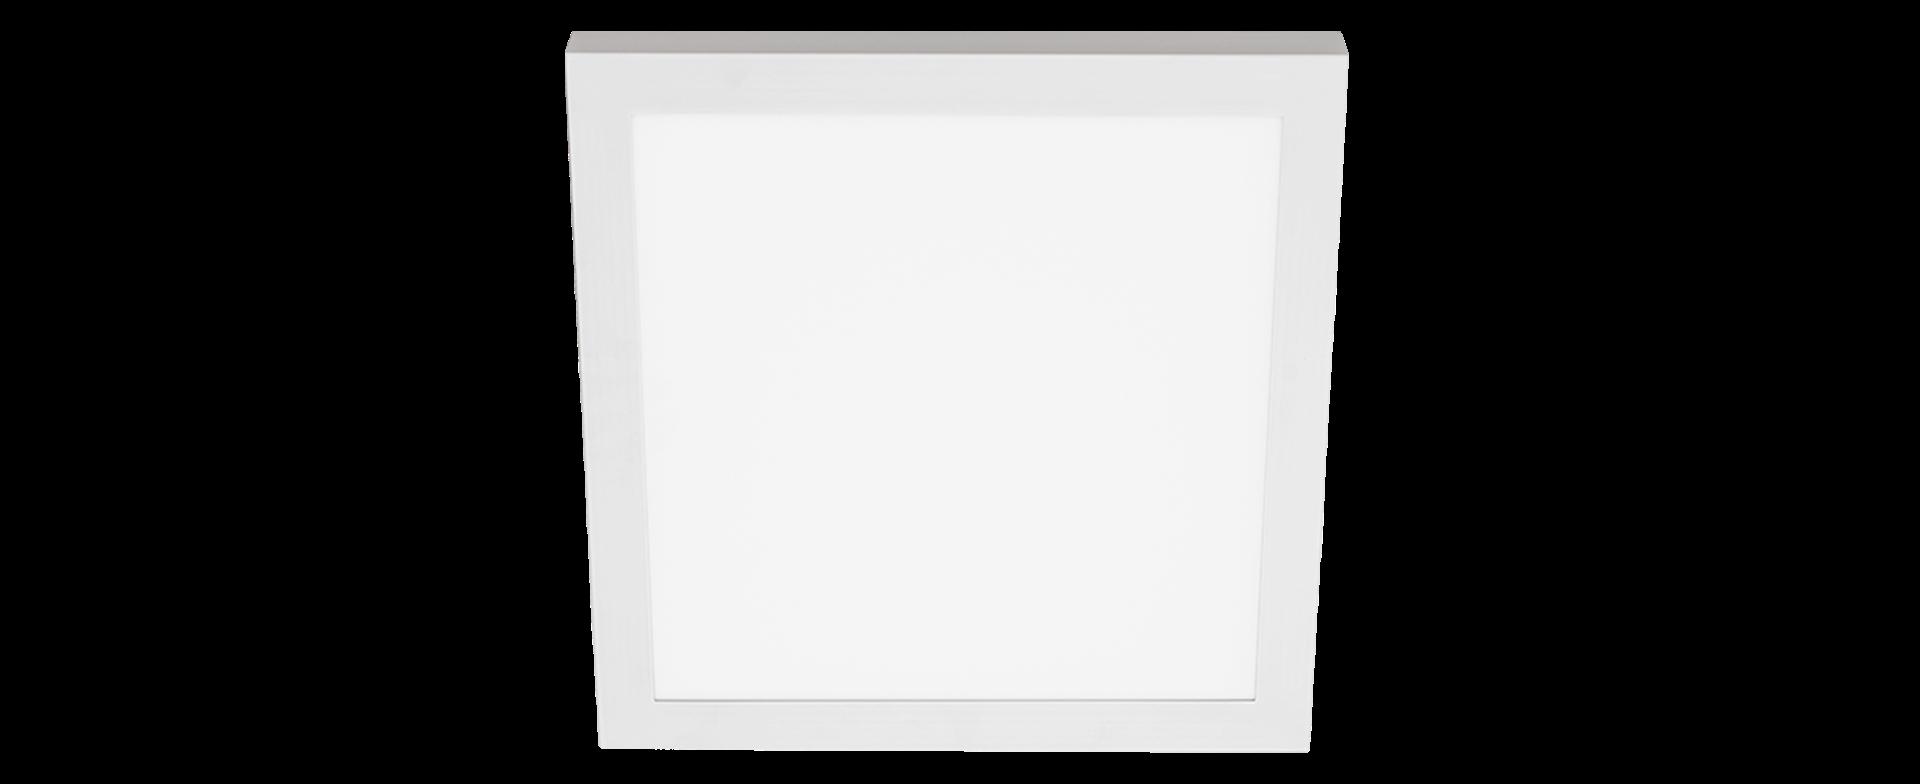 Painel de Sobrepor Quadrado Slim LED 40W 5700K Bivolt STH7968/57 - Stella Design